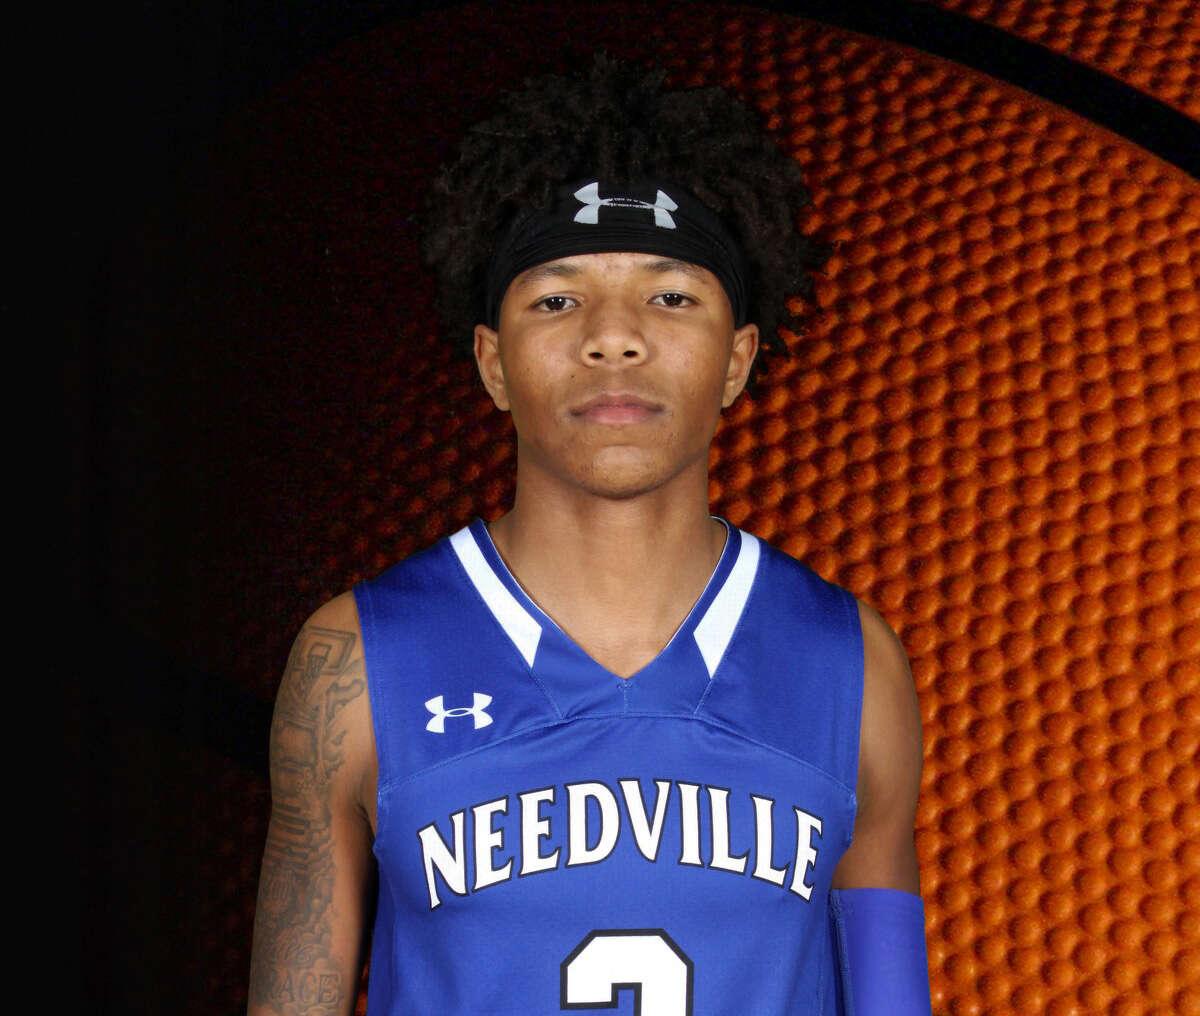 Needville High School basketball player Chris Grace.